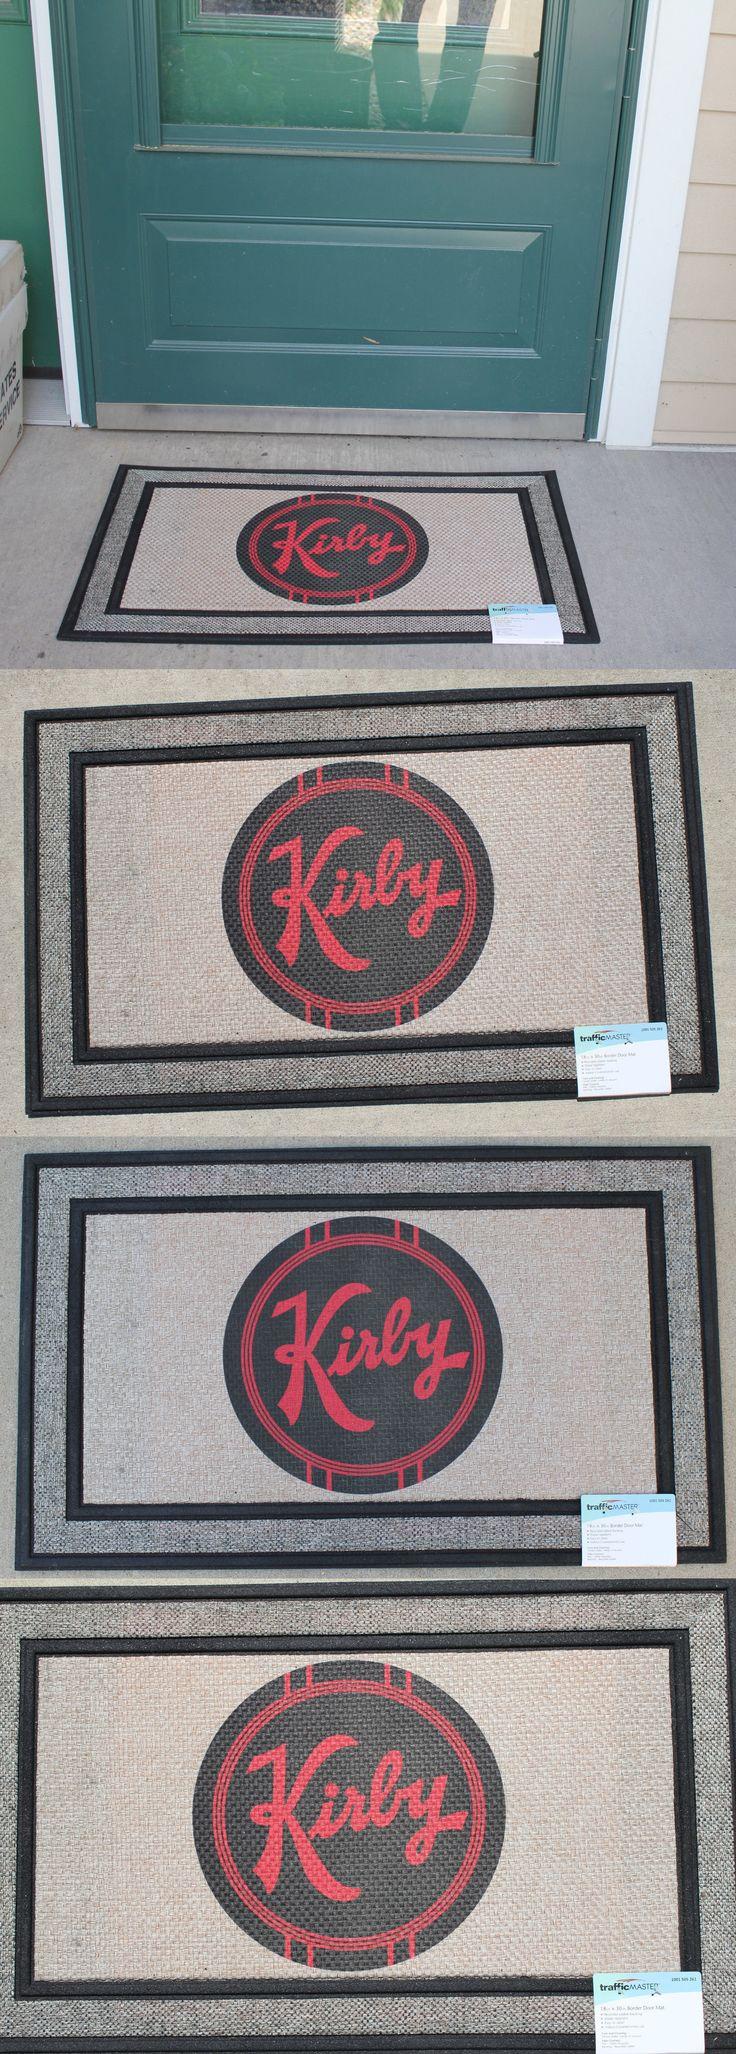 Vintage Vacuums 115993: Kirby Vacuum Cleaner Rug Floor Door Mat -> BUY IT NOW ONLY: $65 on eBay!